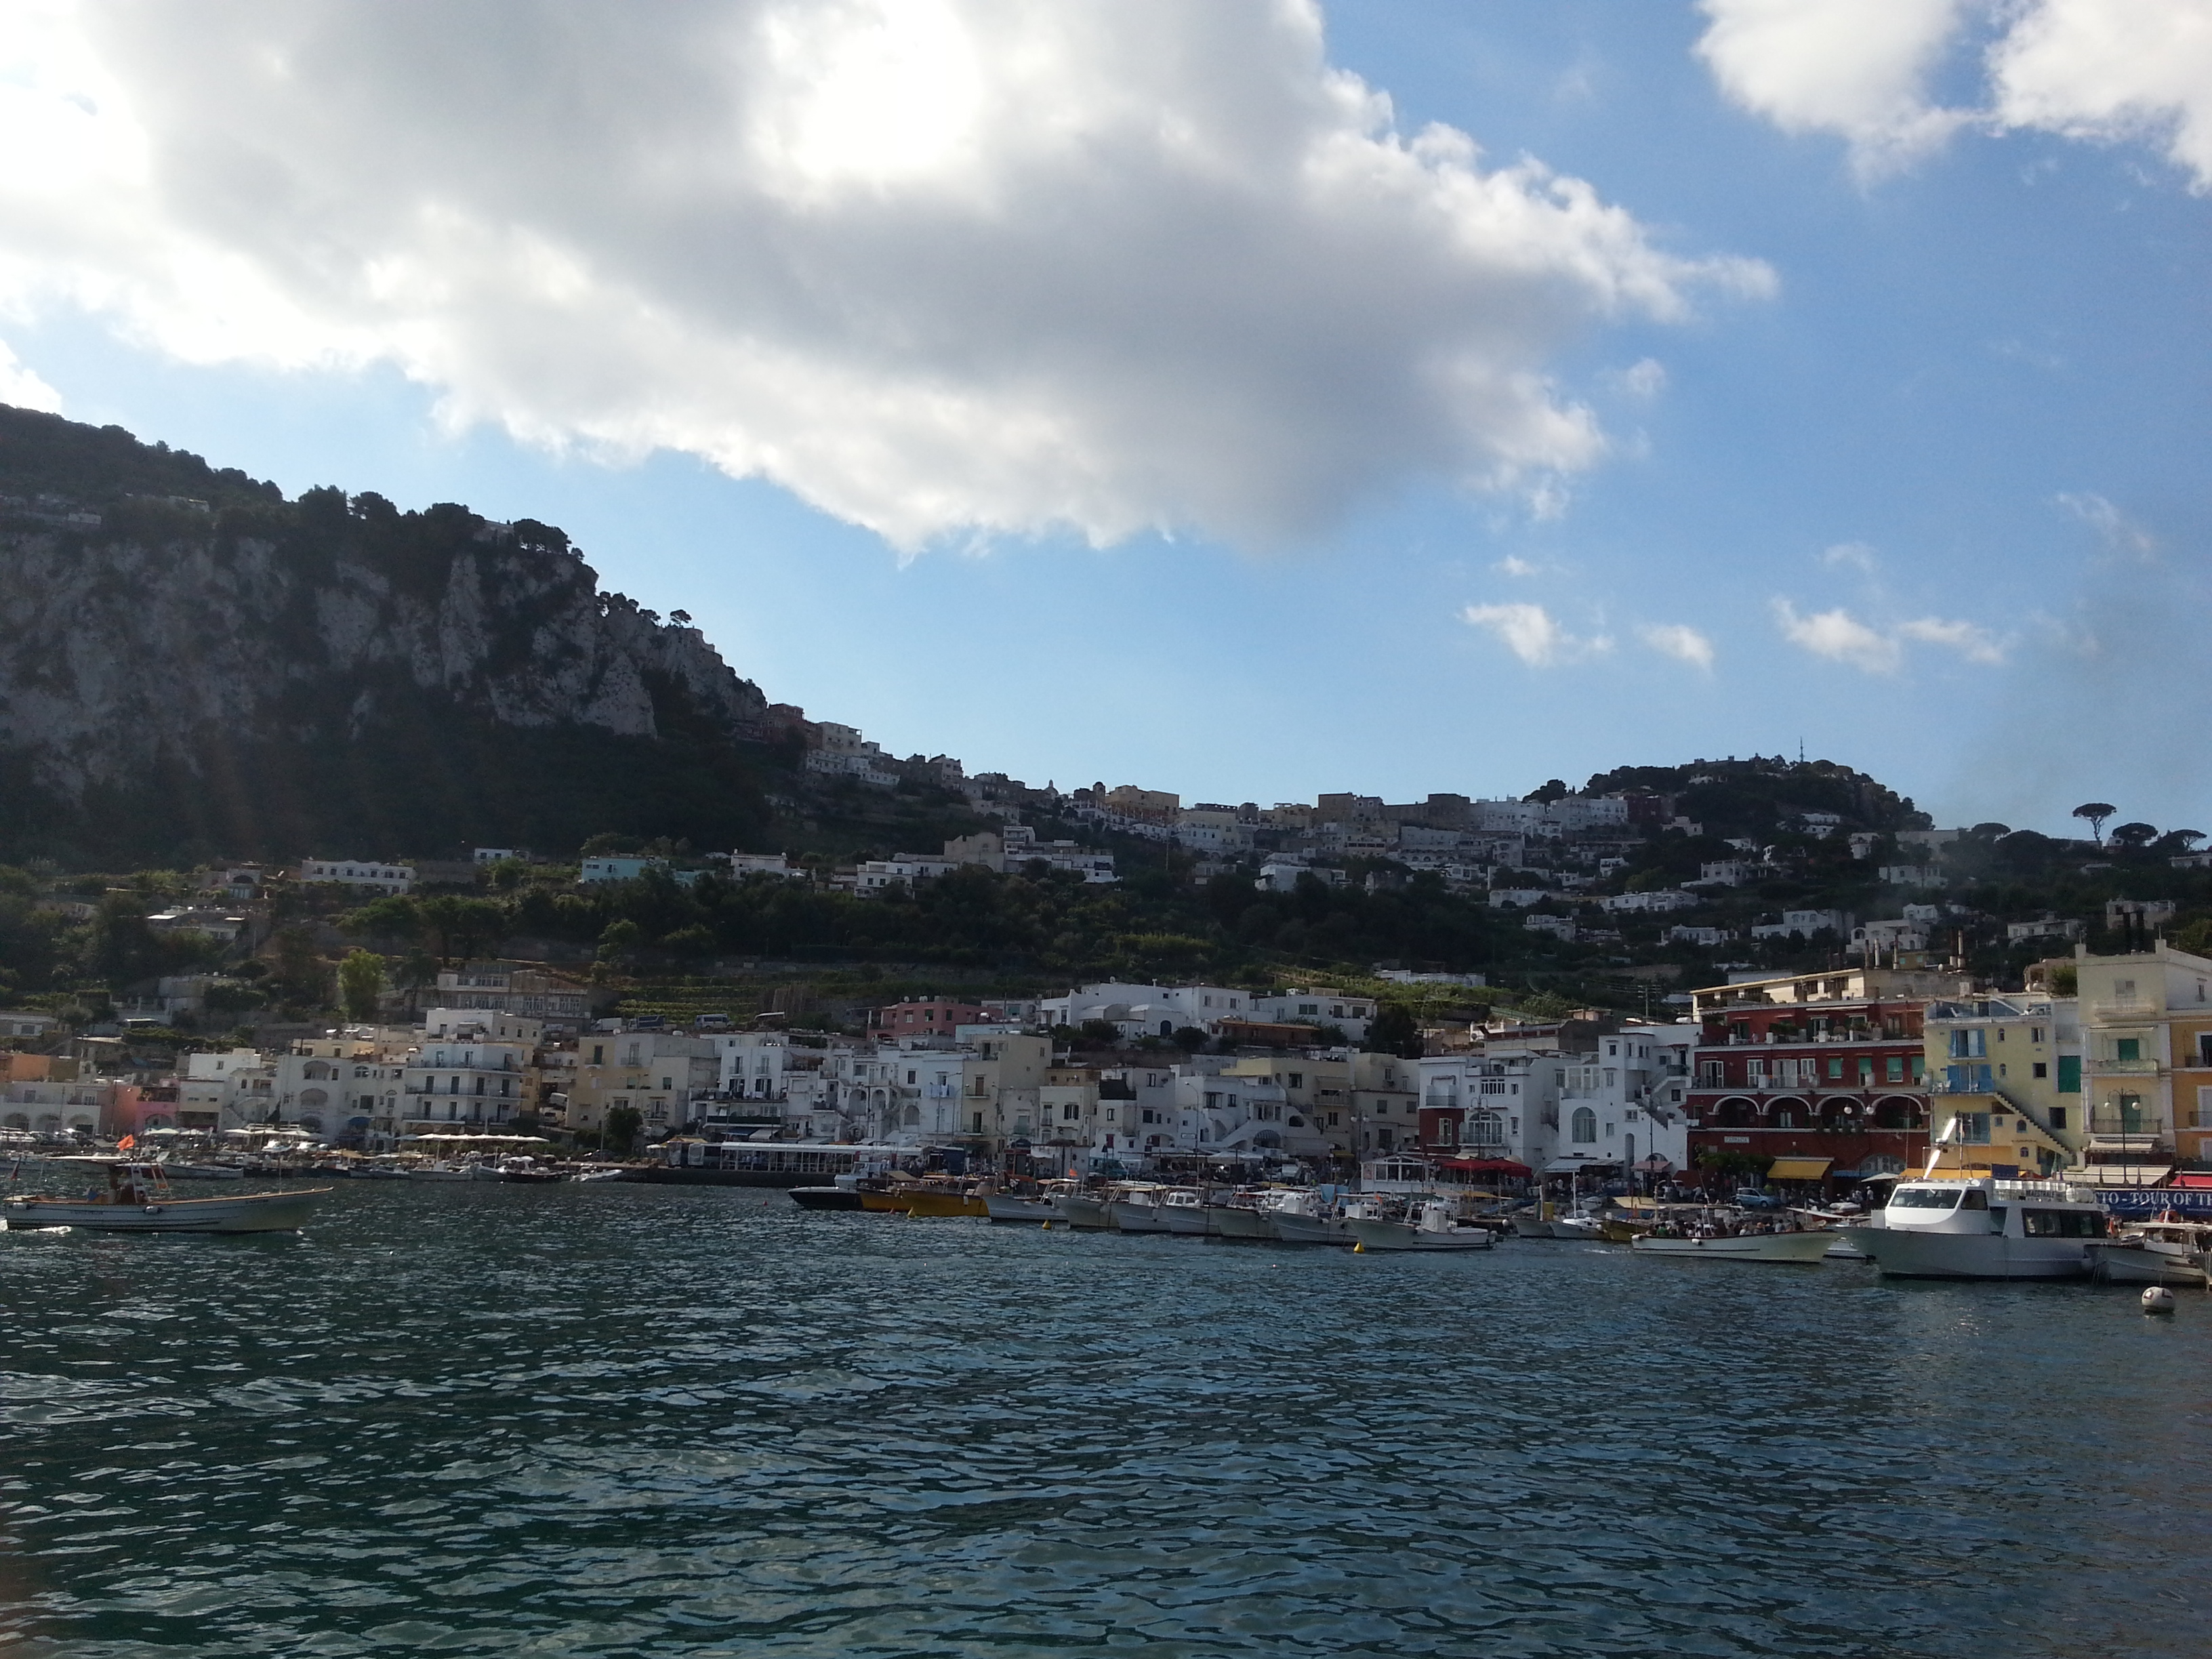 イタリア一人旅:ナポリからカプリ島へ